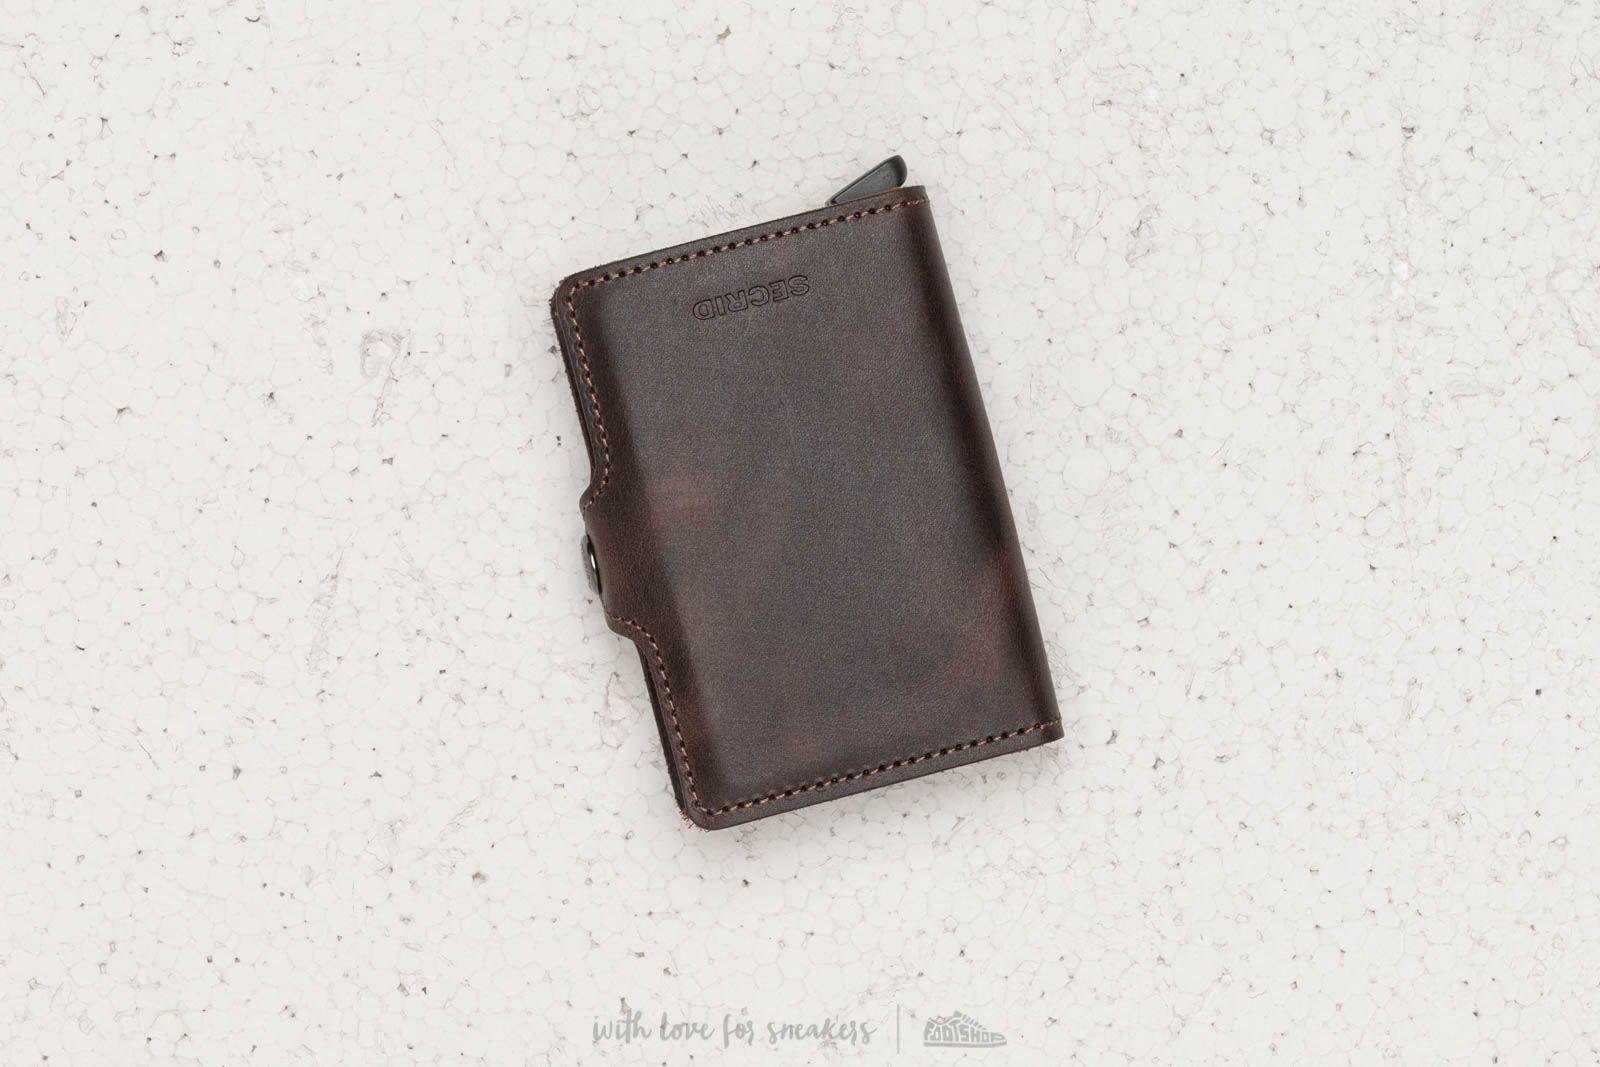 Secrid Twinwallet Vintage Chocolate za skvělou cenu 1 490 Kč koupíte na Footshop.cz